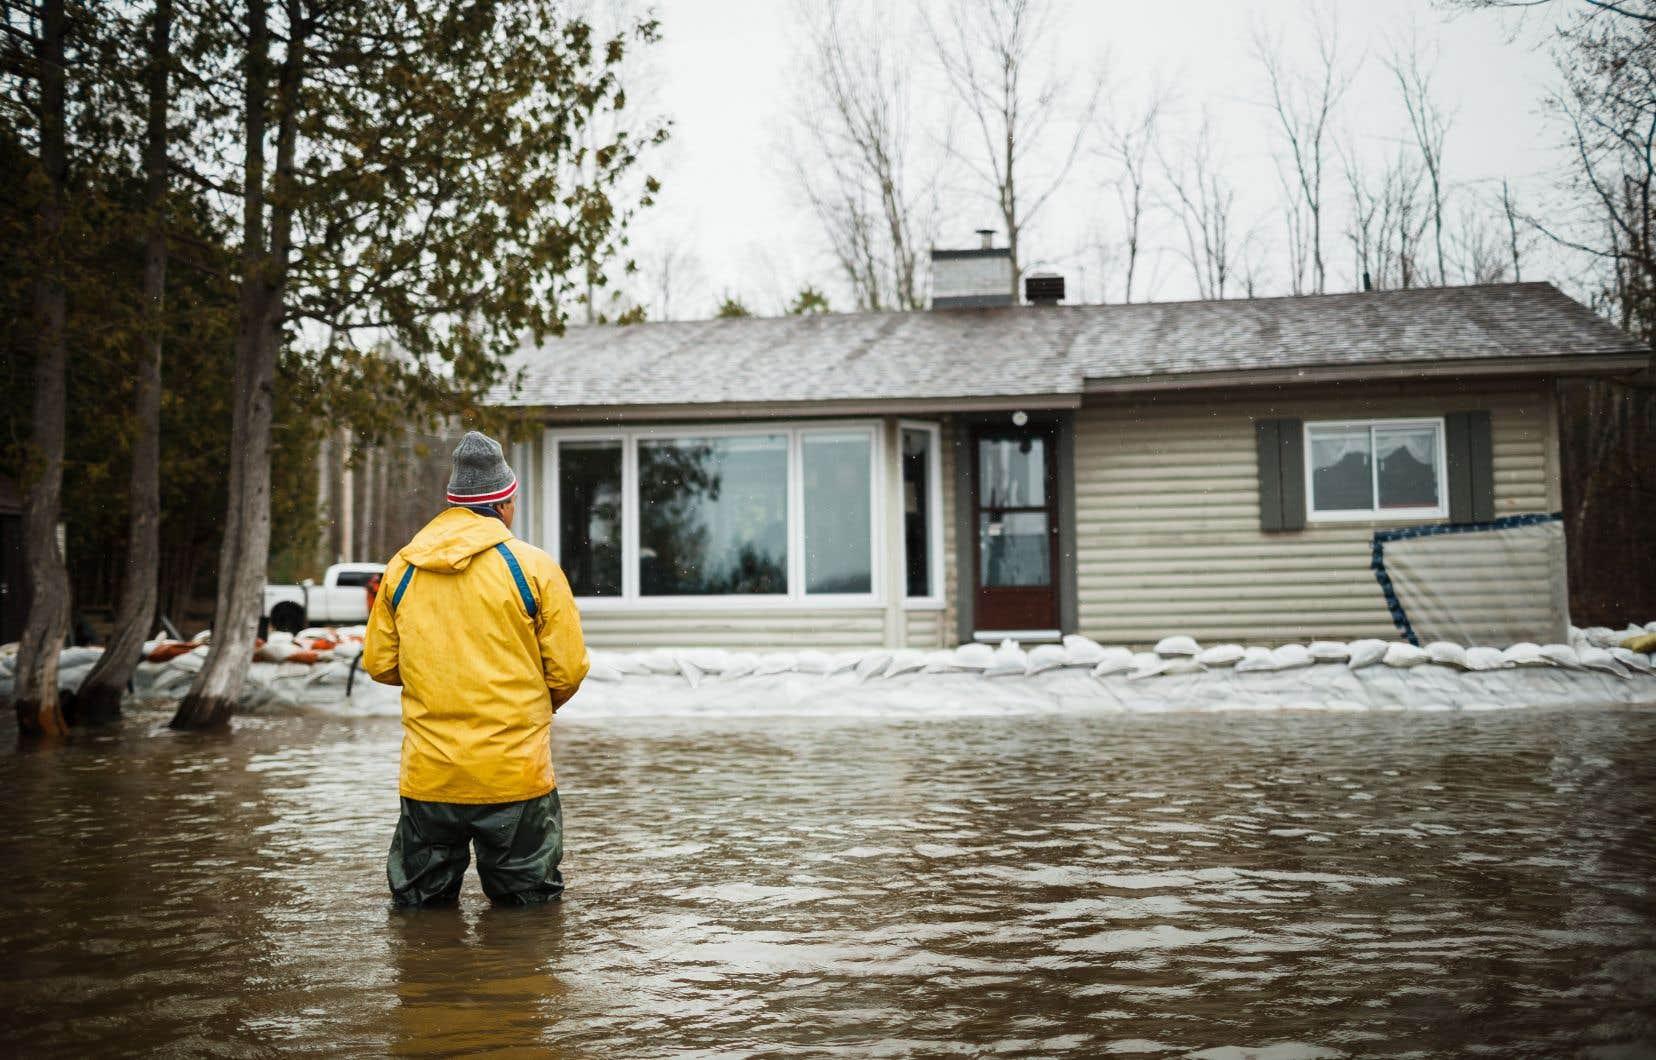 Les réclamations d'assurance qui ont découlé des sinistres du printemps sont à l'origine de la baisse, dit Desjardins.